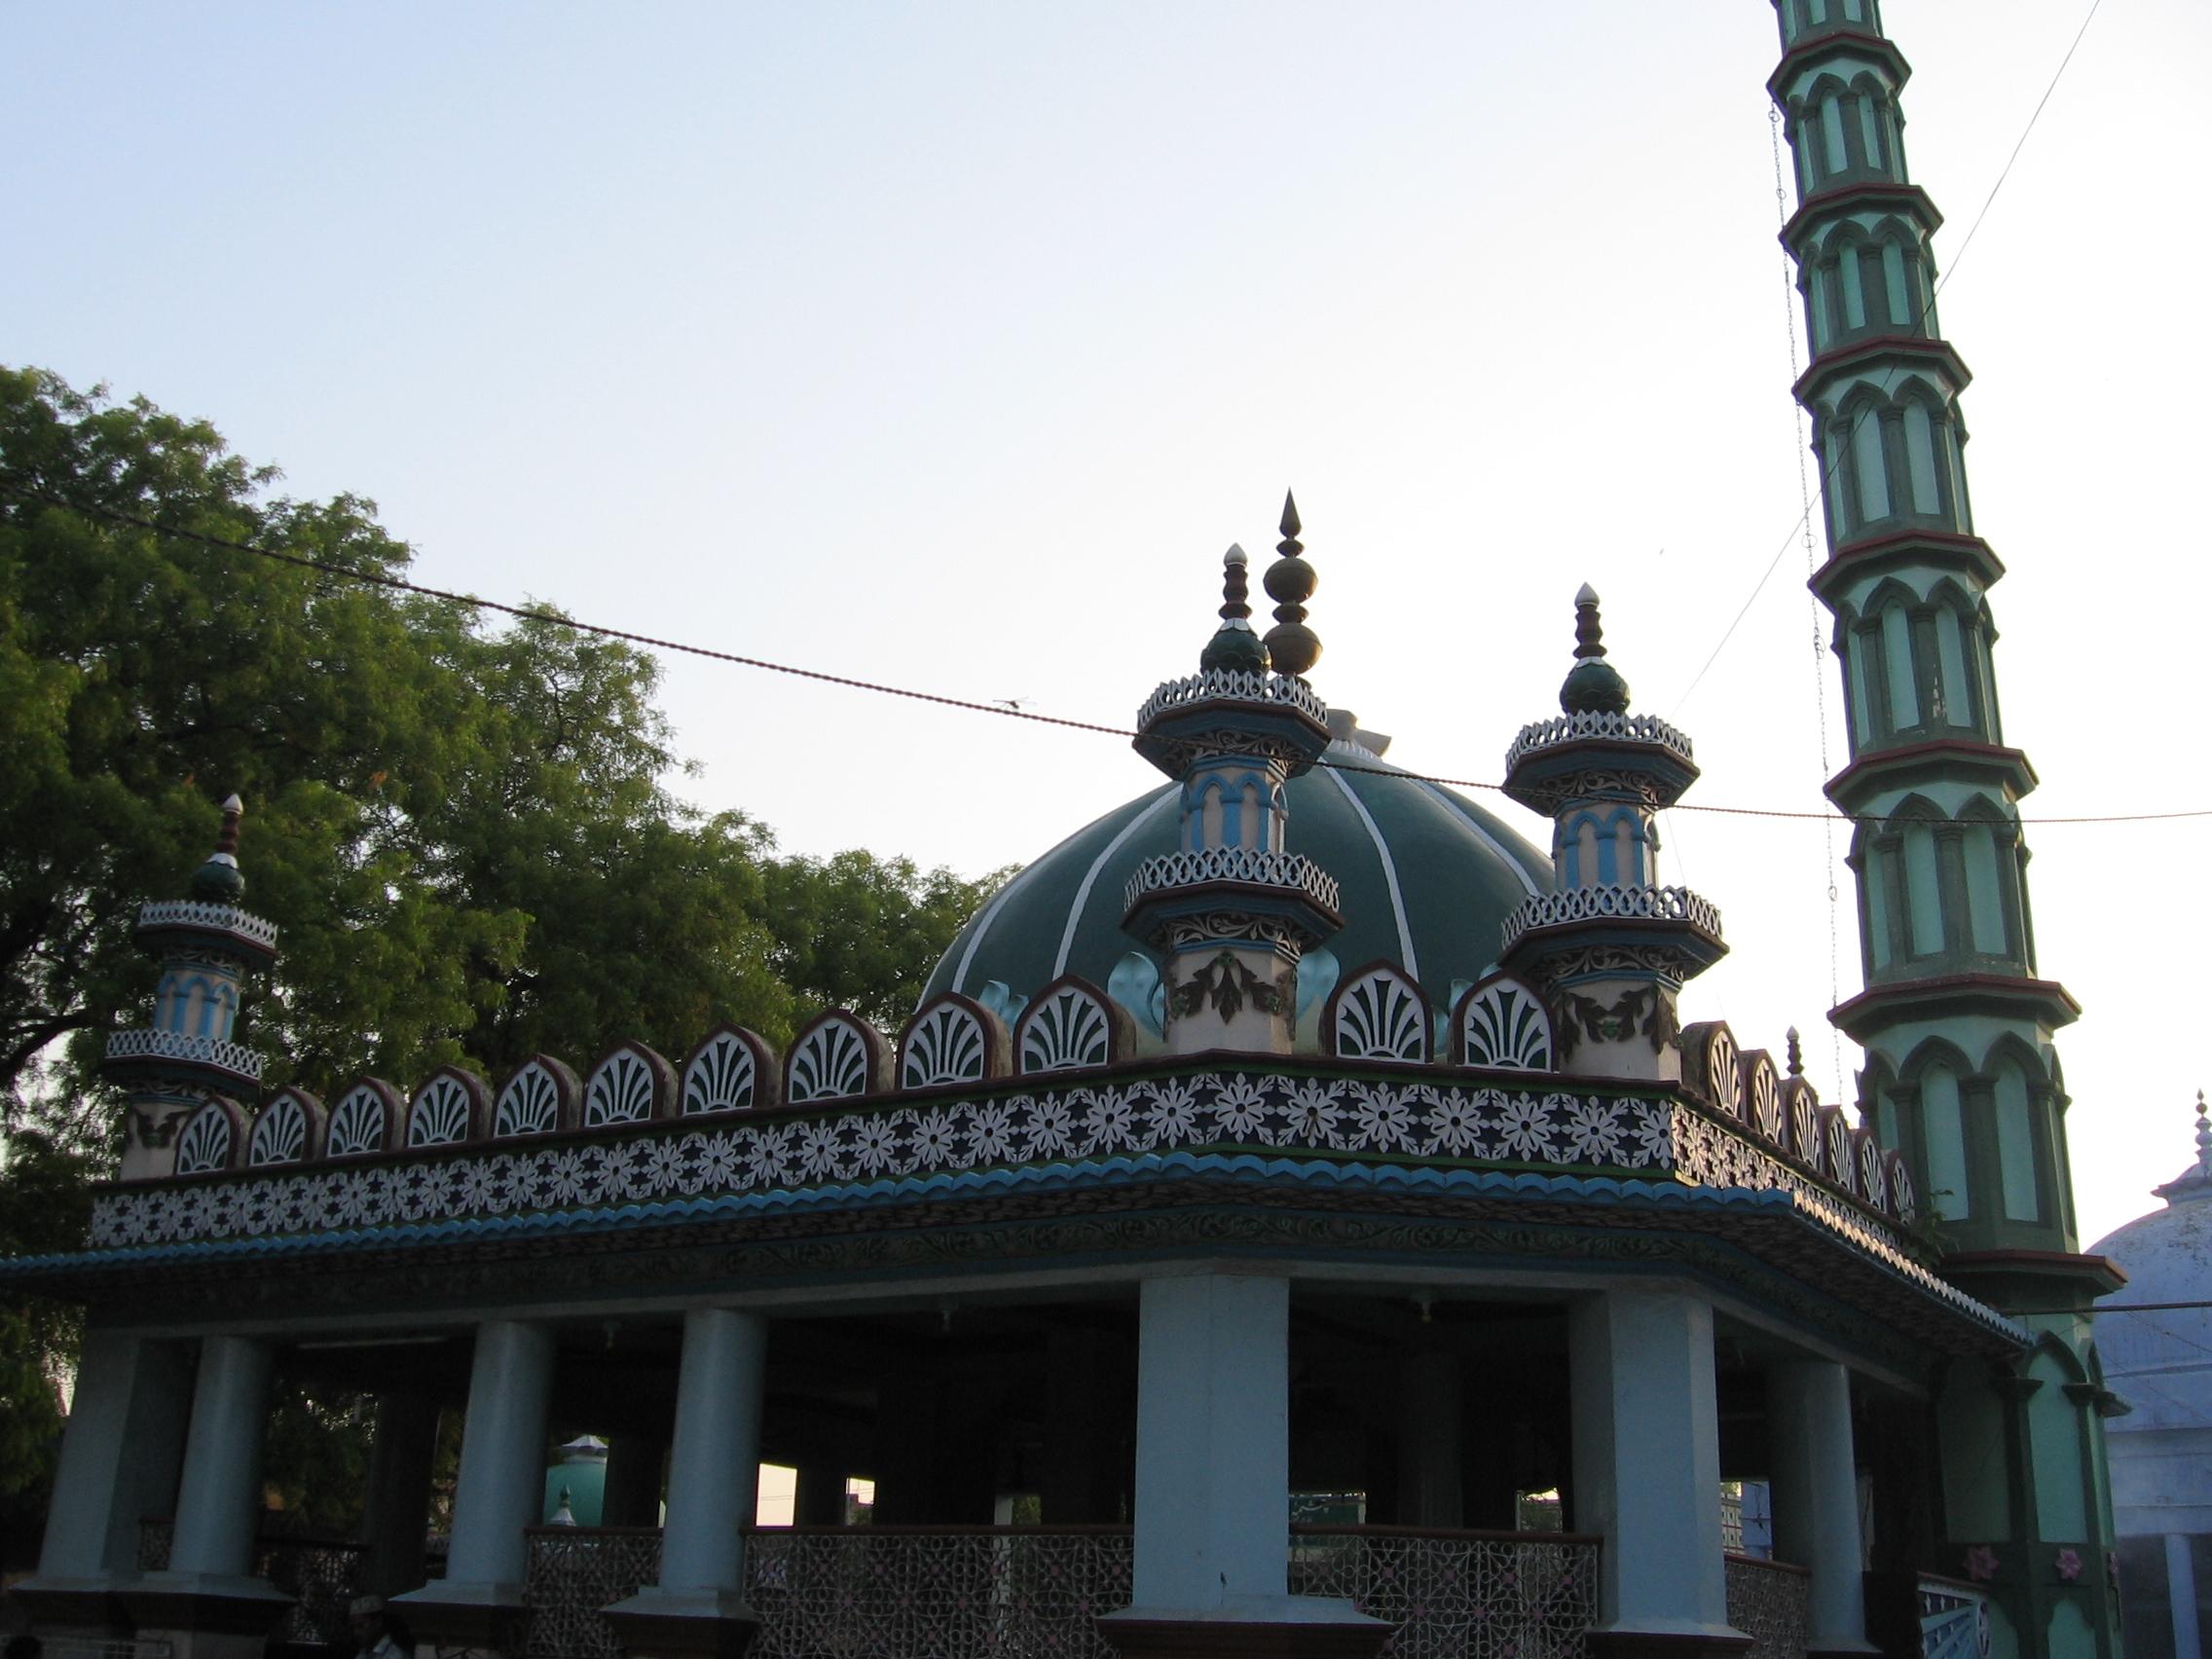 Biharsharif